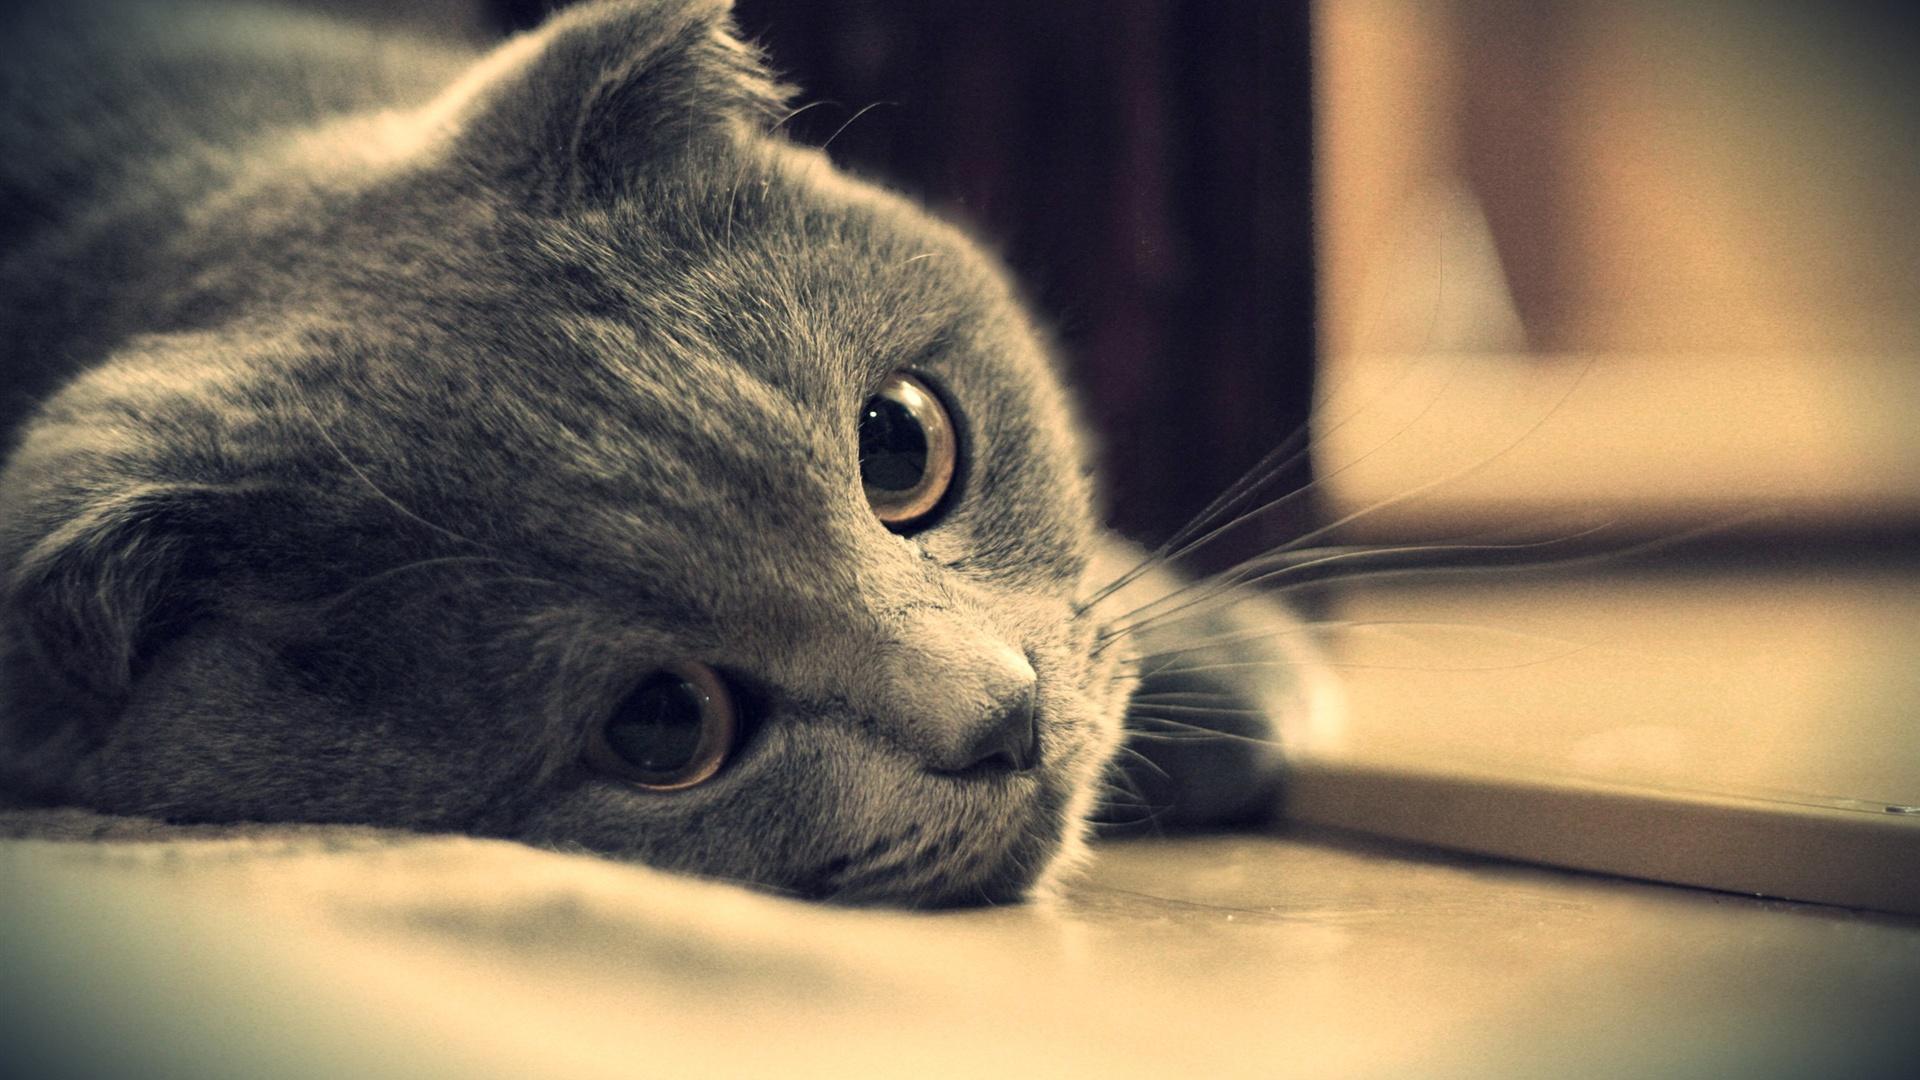 壁纸 灰色猫的眼睛特写 2560x1600 HD 高清壁纸, 图片, 照片 Hd Wallpaper 1920 X 1080 Kittens